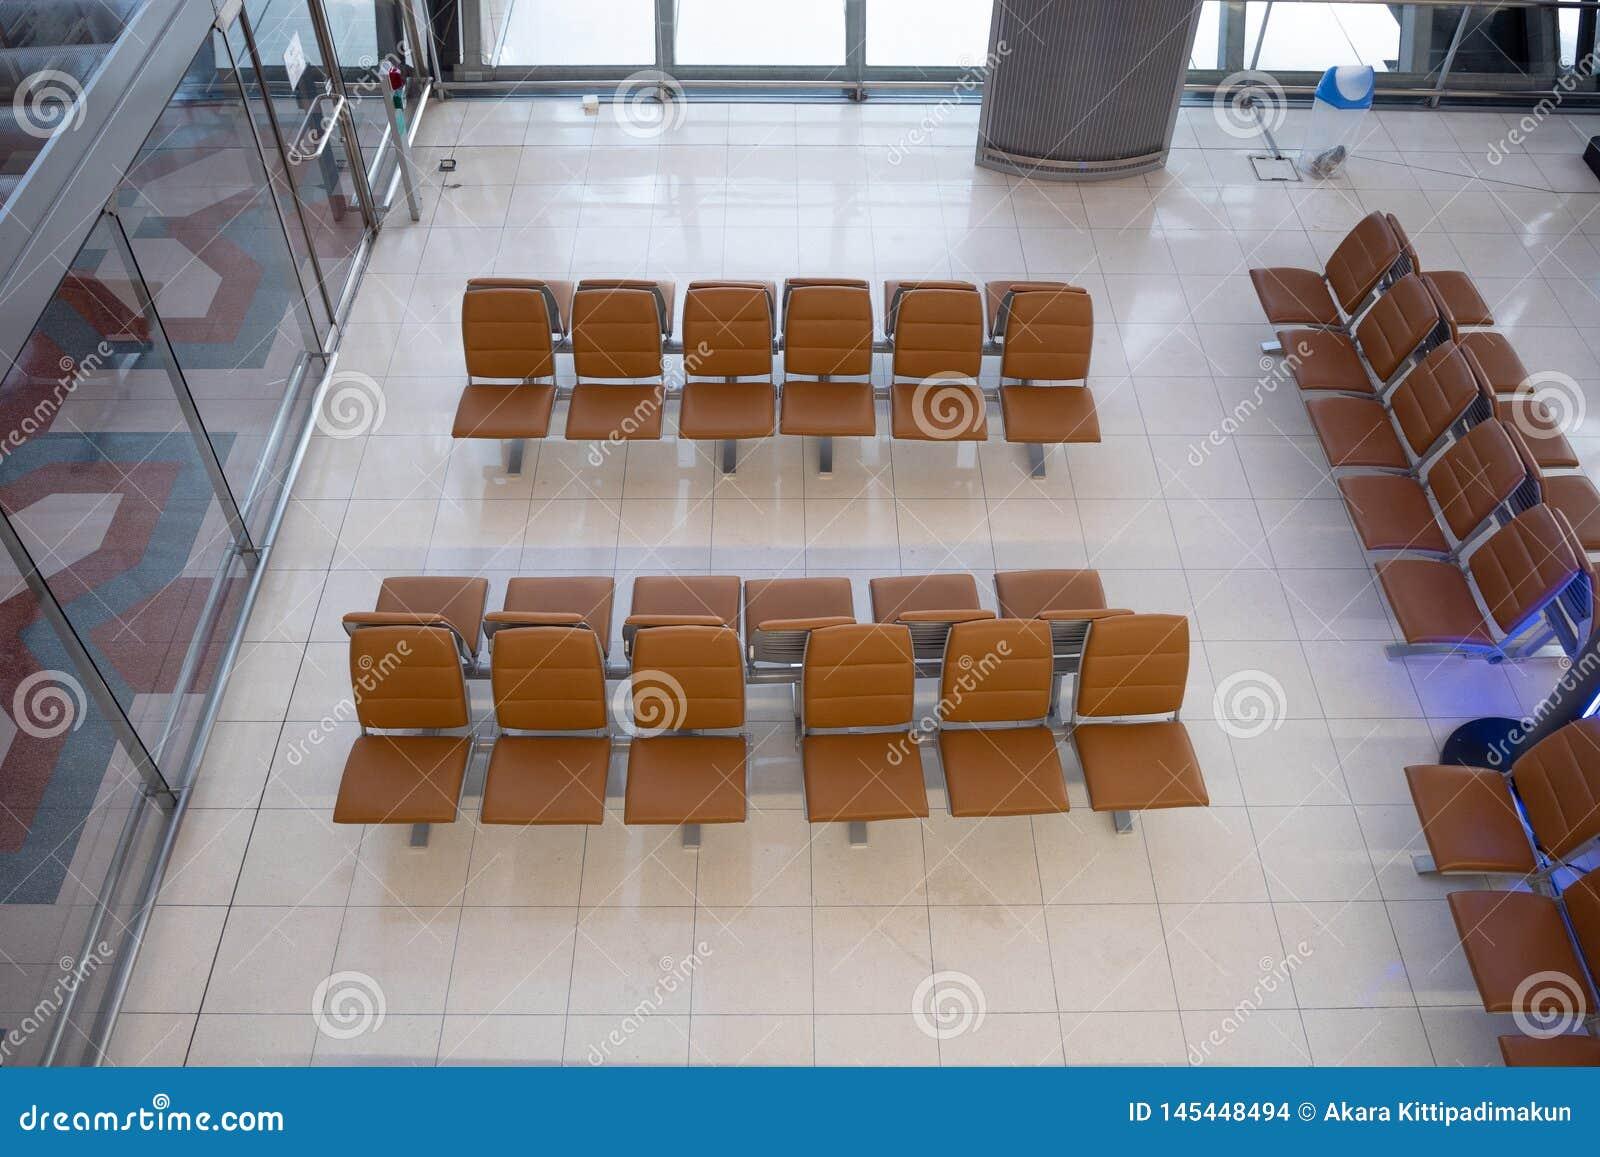 Vista superior de la fila de los asientos marrones para esperar en aeropuerto